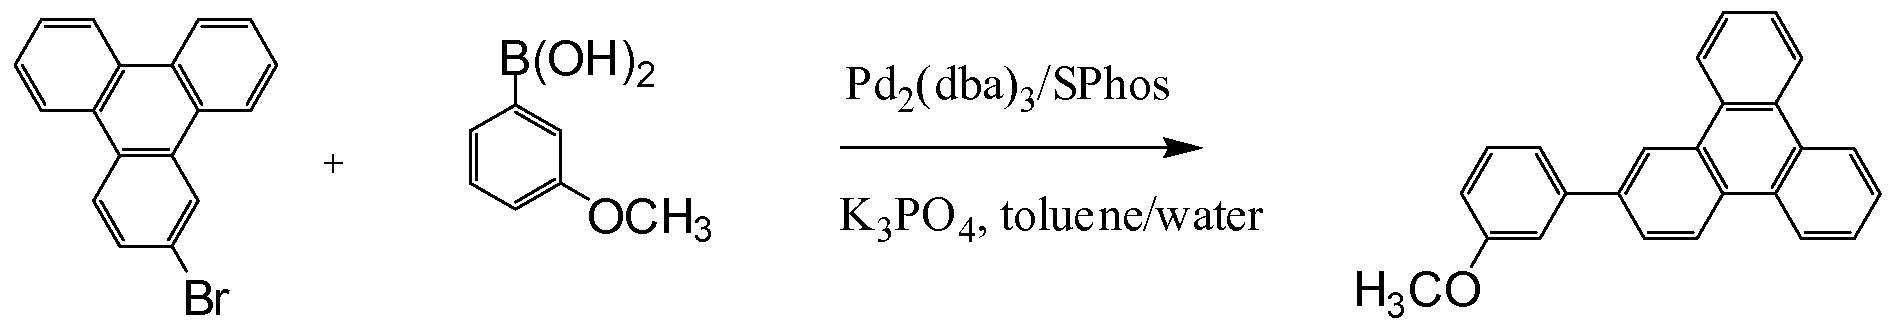 Figure imgf000033_0006